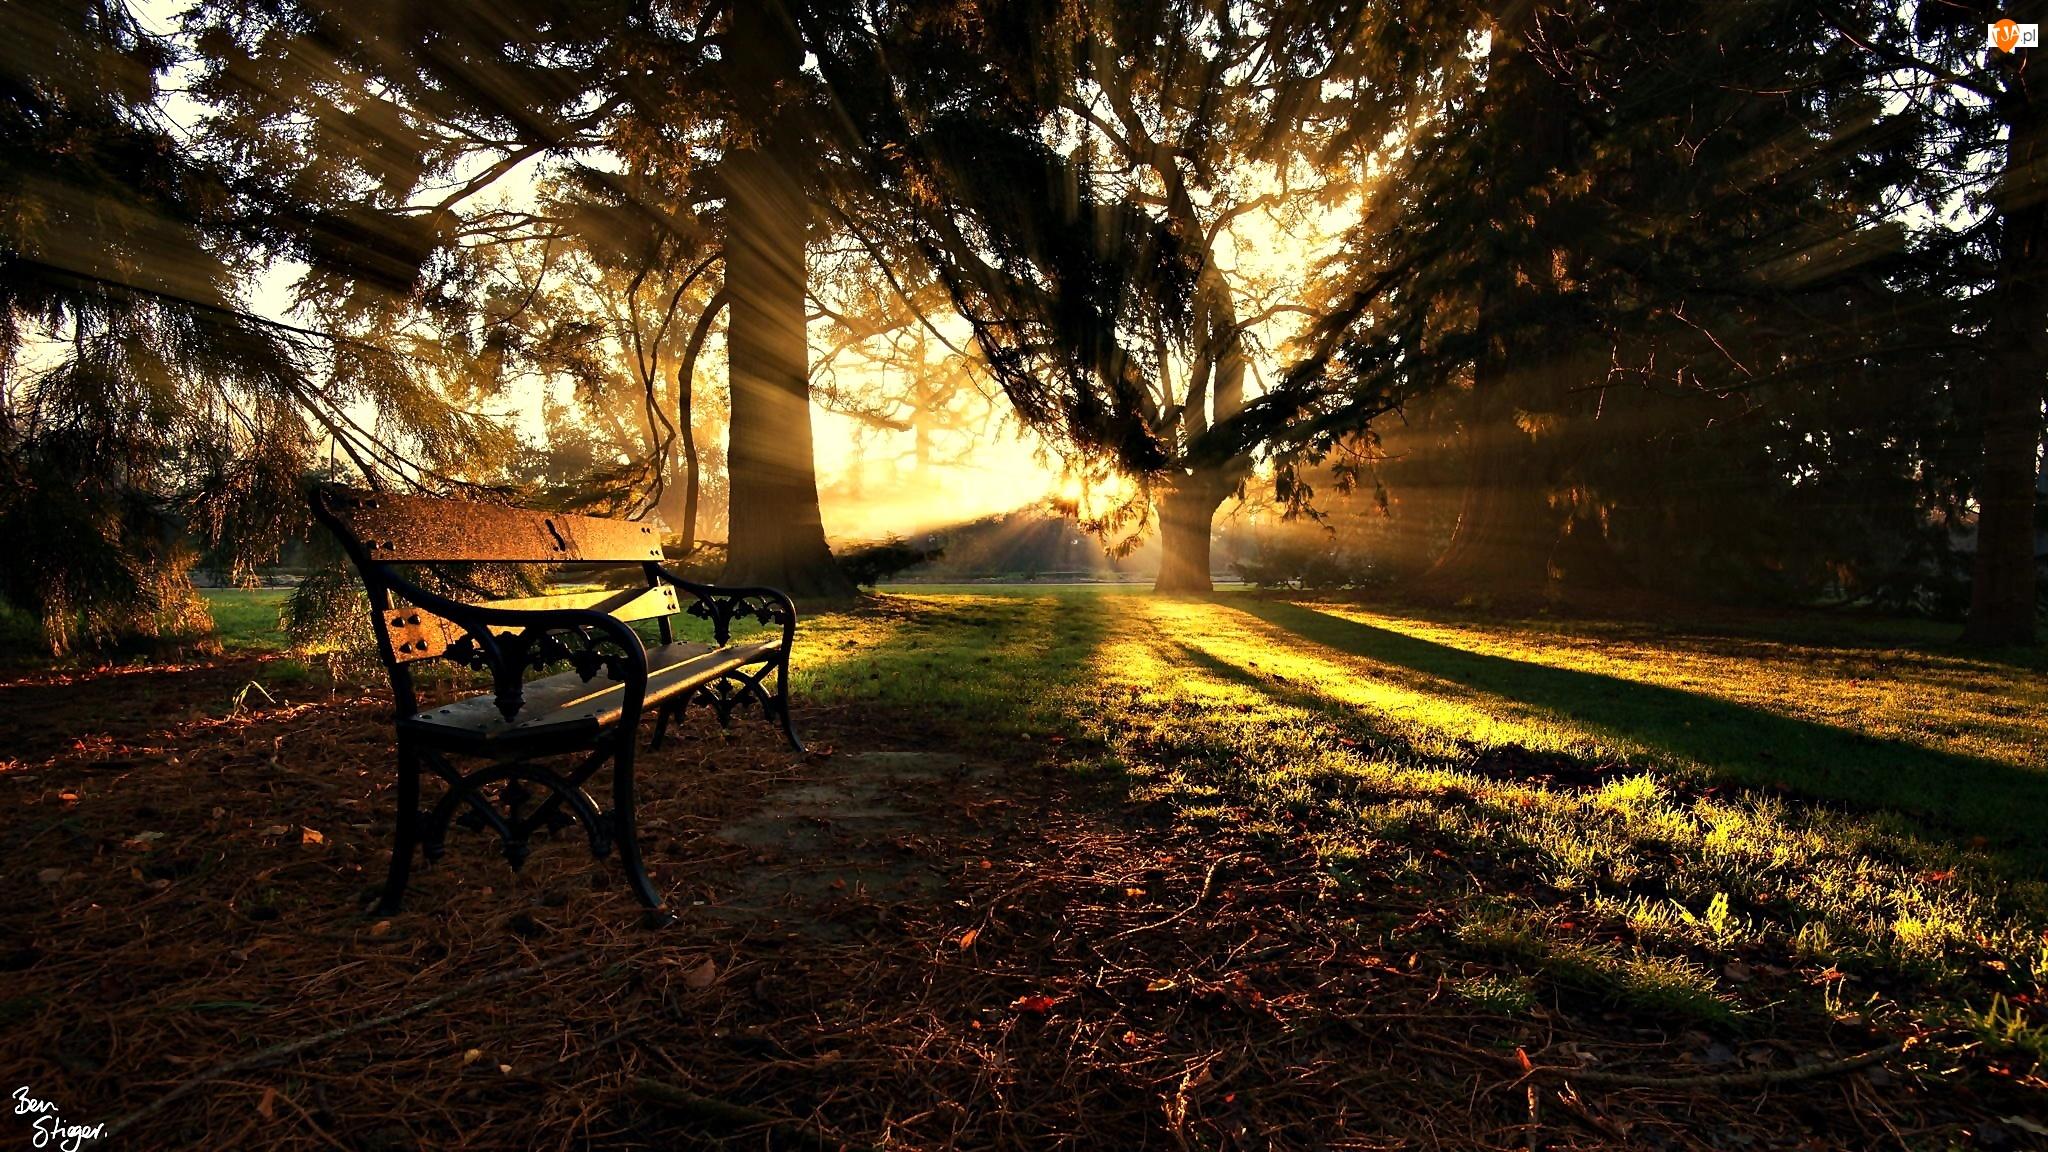 Park, Promienie Słońca, Ławka, Jesień